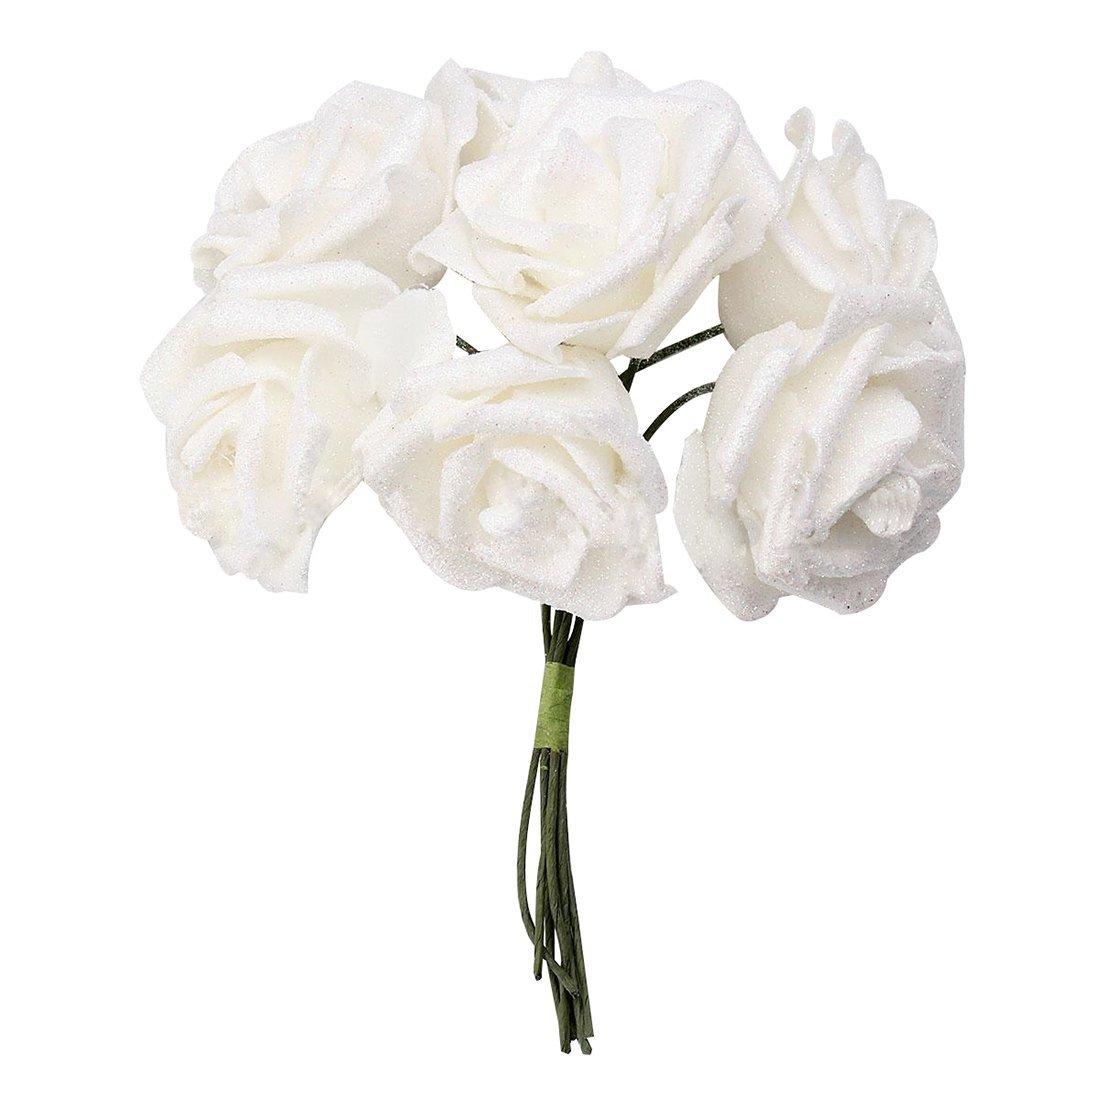 Cheap Cheap Artificial Foam Flower Find Cheap Artificial Foam